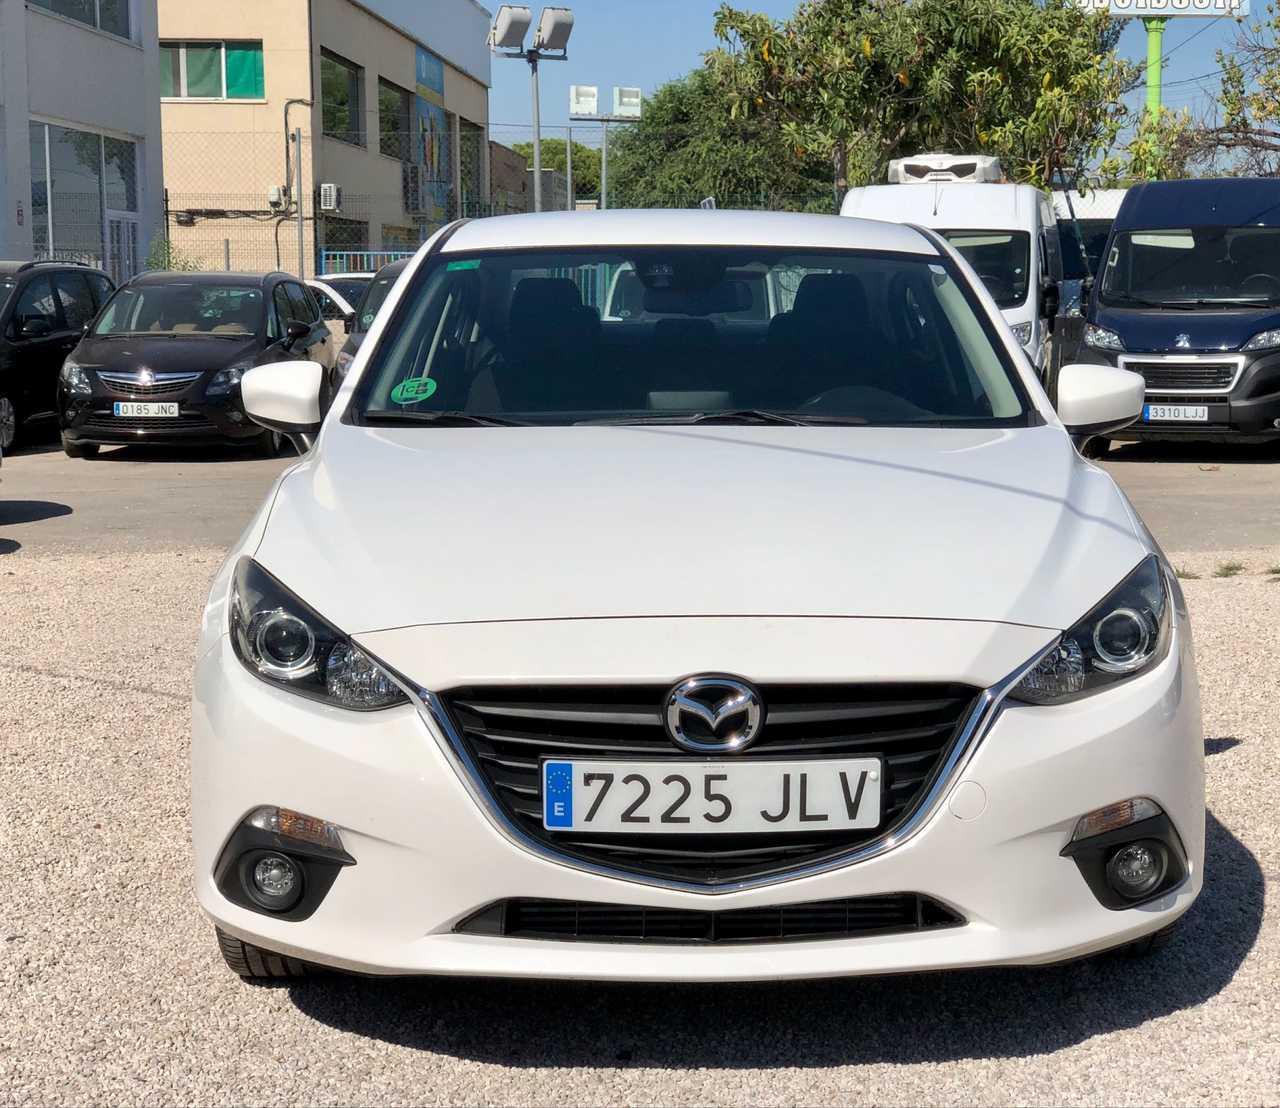 Mazda 3 2.2 SKYACTIV-D 150 STYLE  - Foto 1